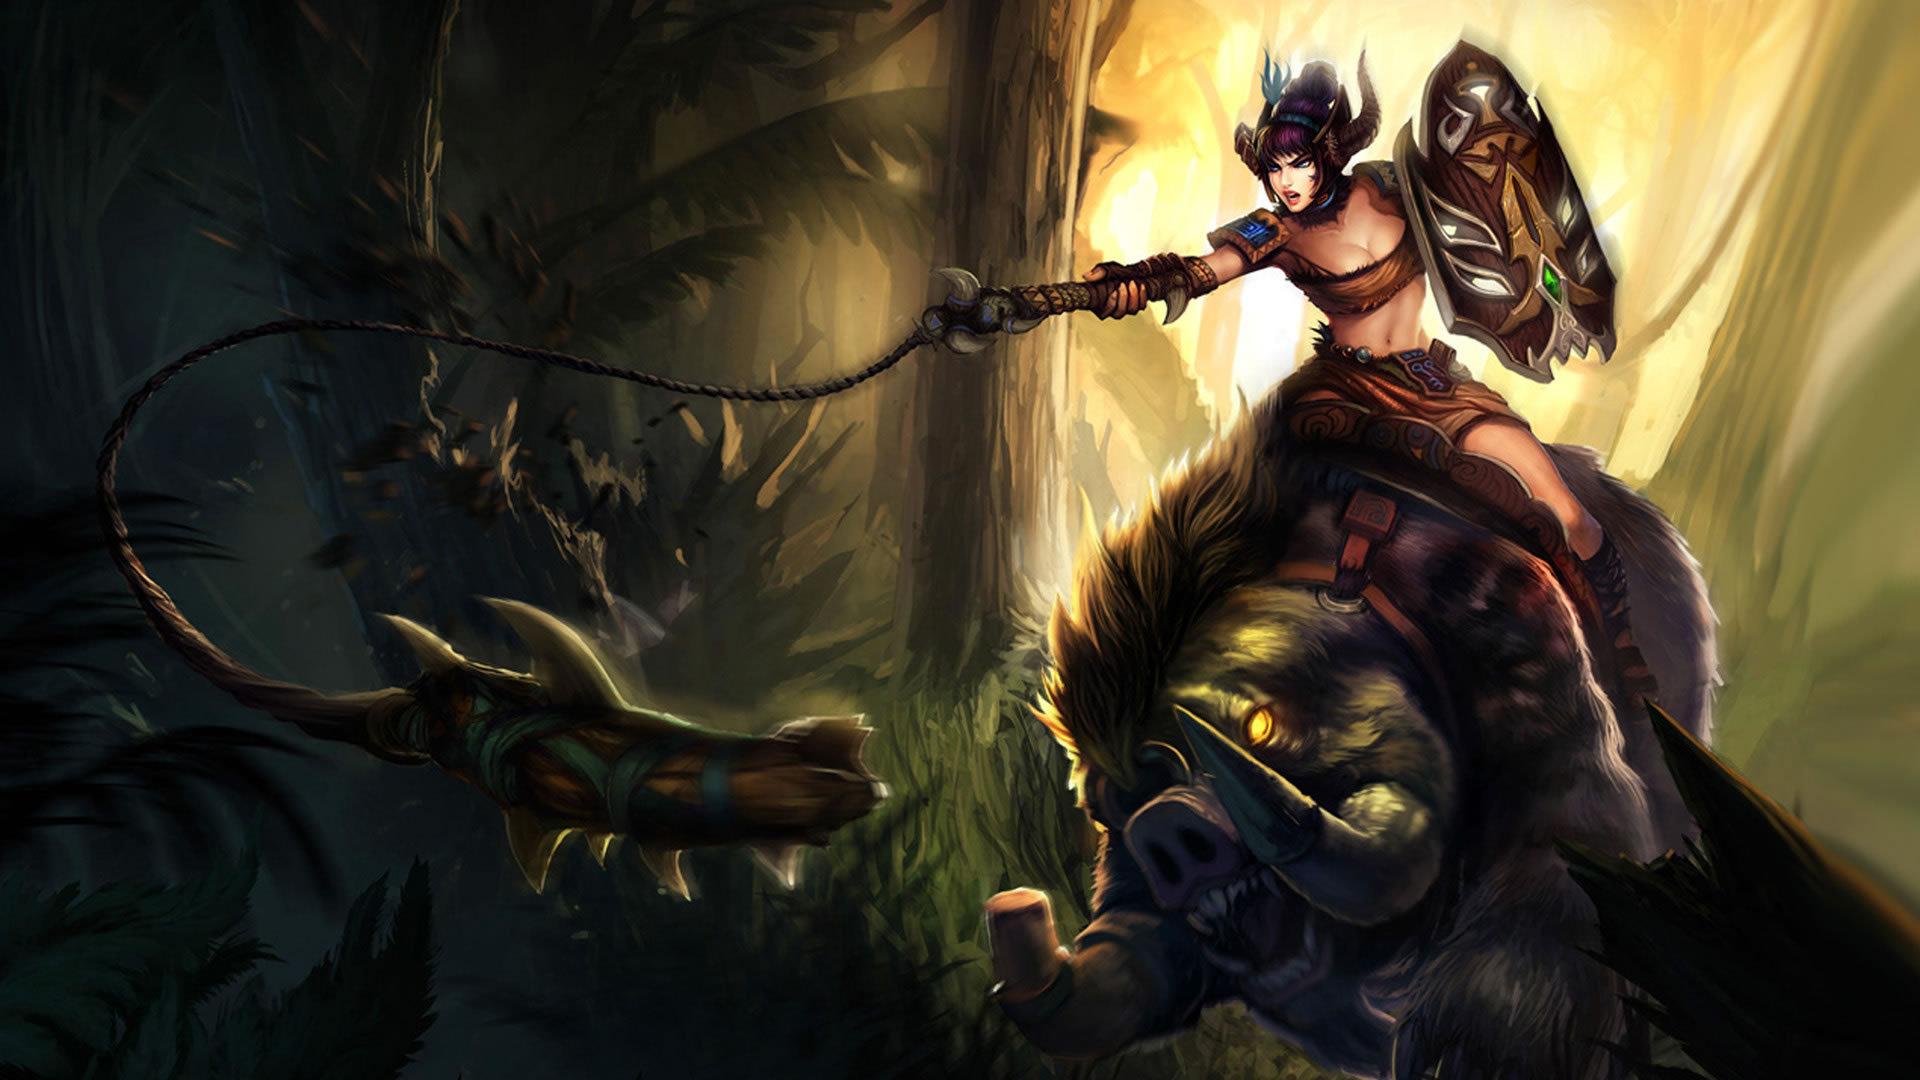 英雄联盟狂野女猎手宣传海报高清图片大全